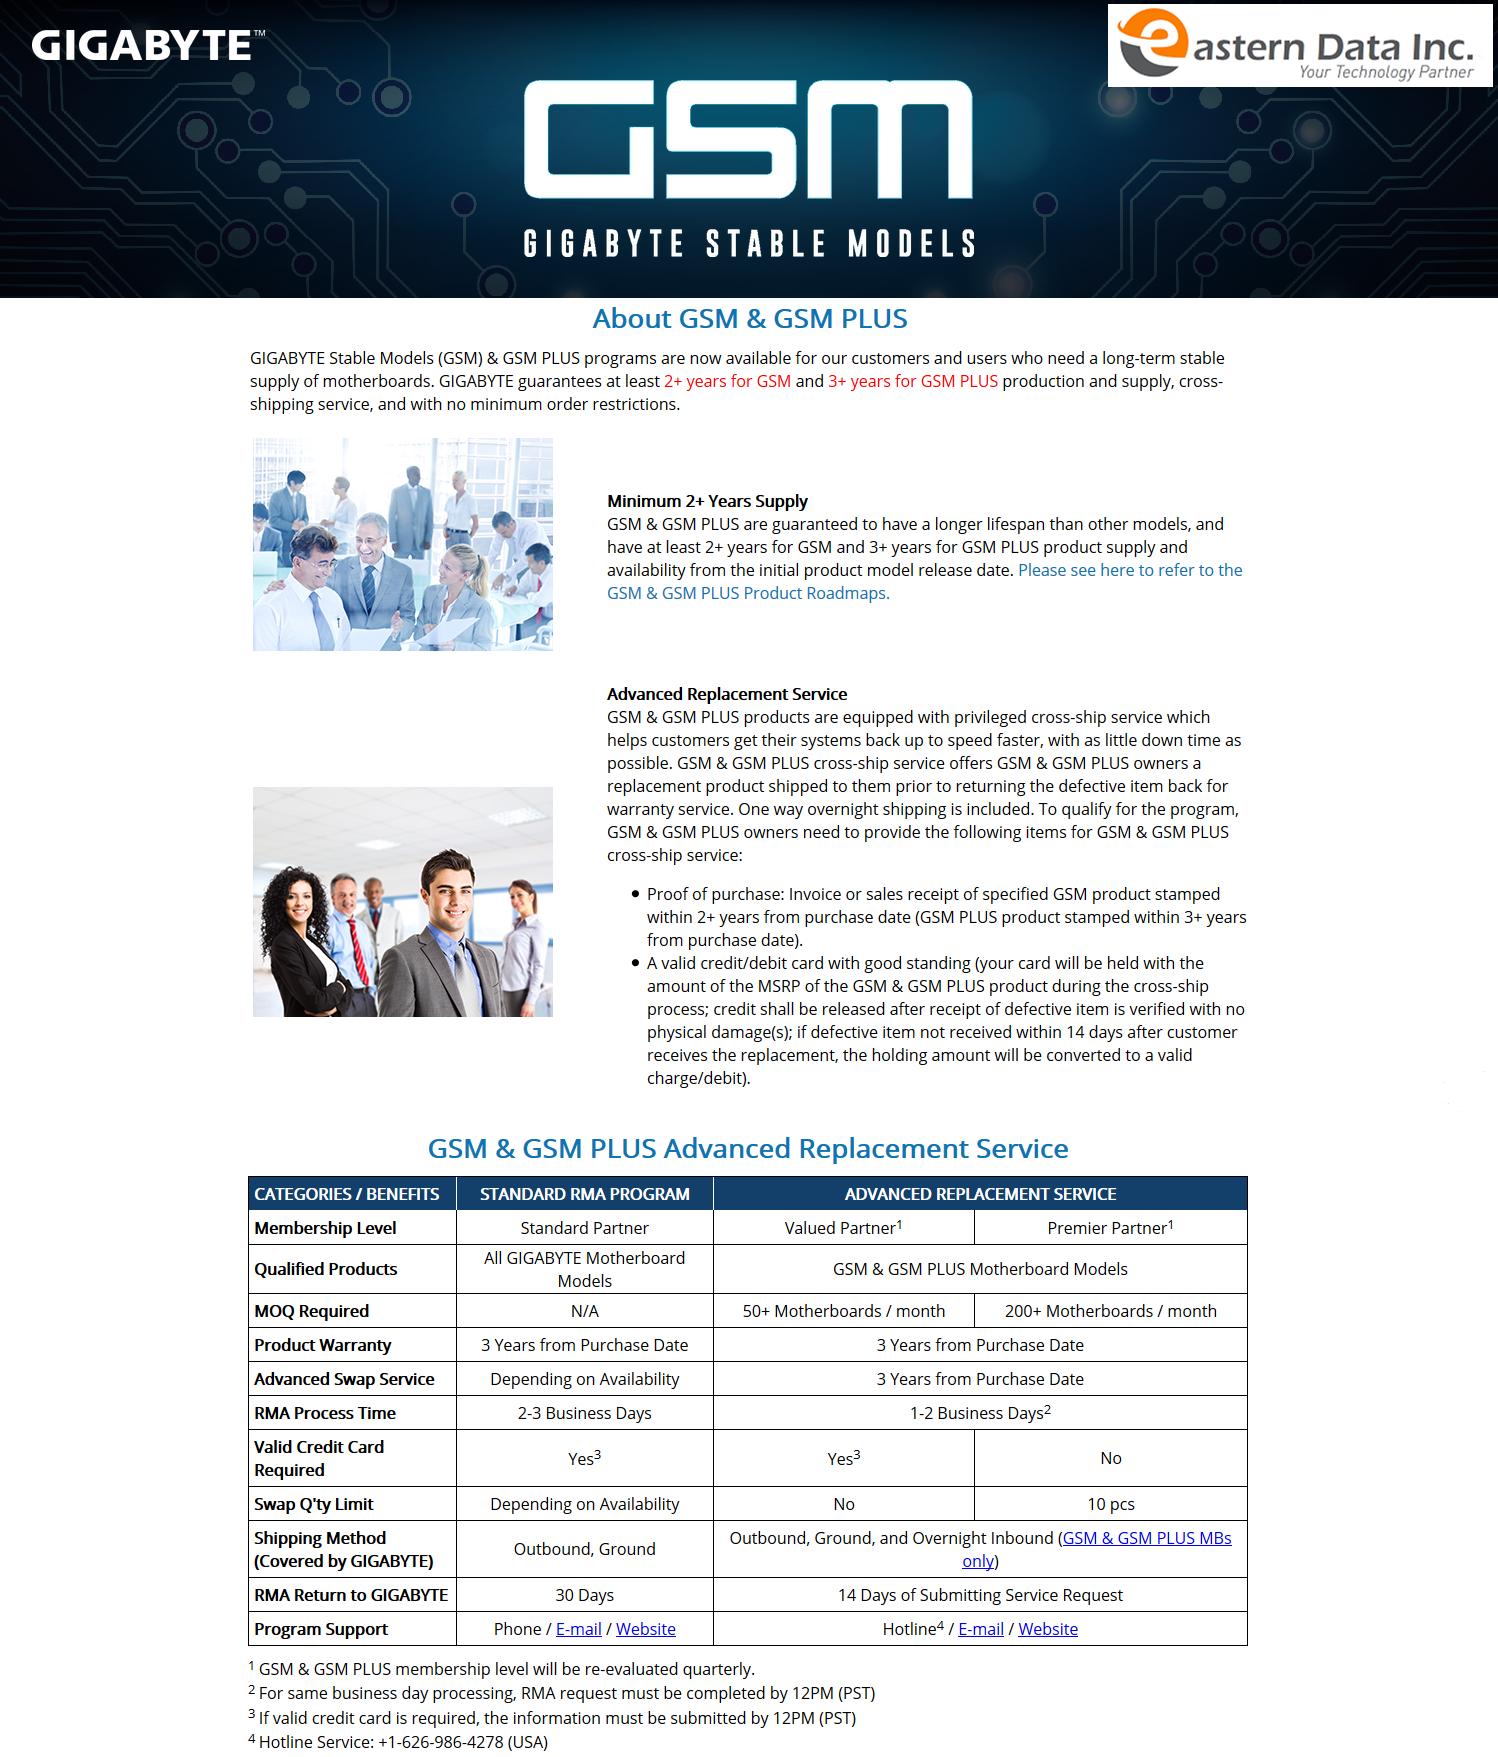 Gigabyte-GSM